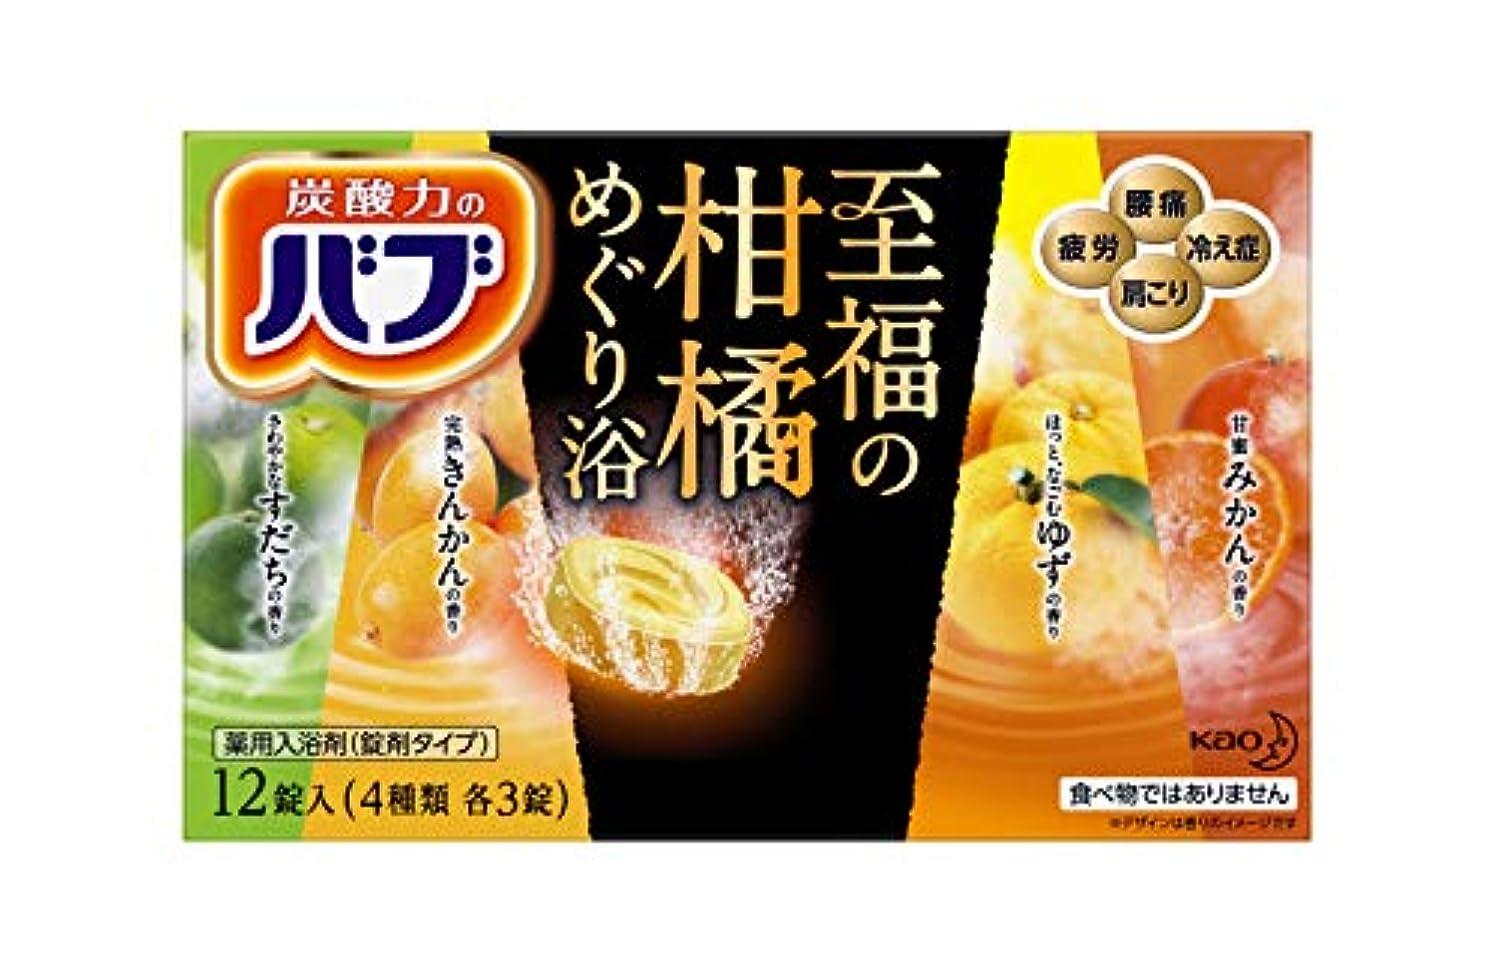 長さ作動するルアーバブ 至福の柑橘めぐり浴 12錠入 (4種類各3錠入)